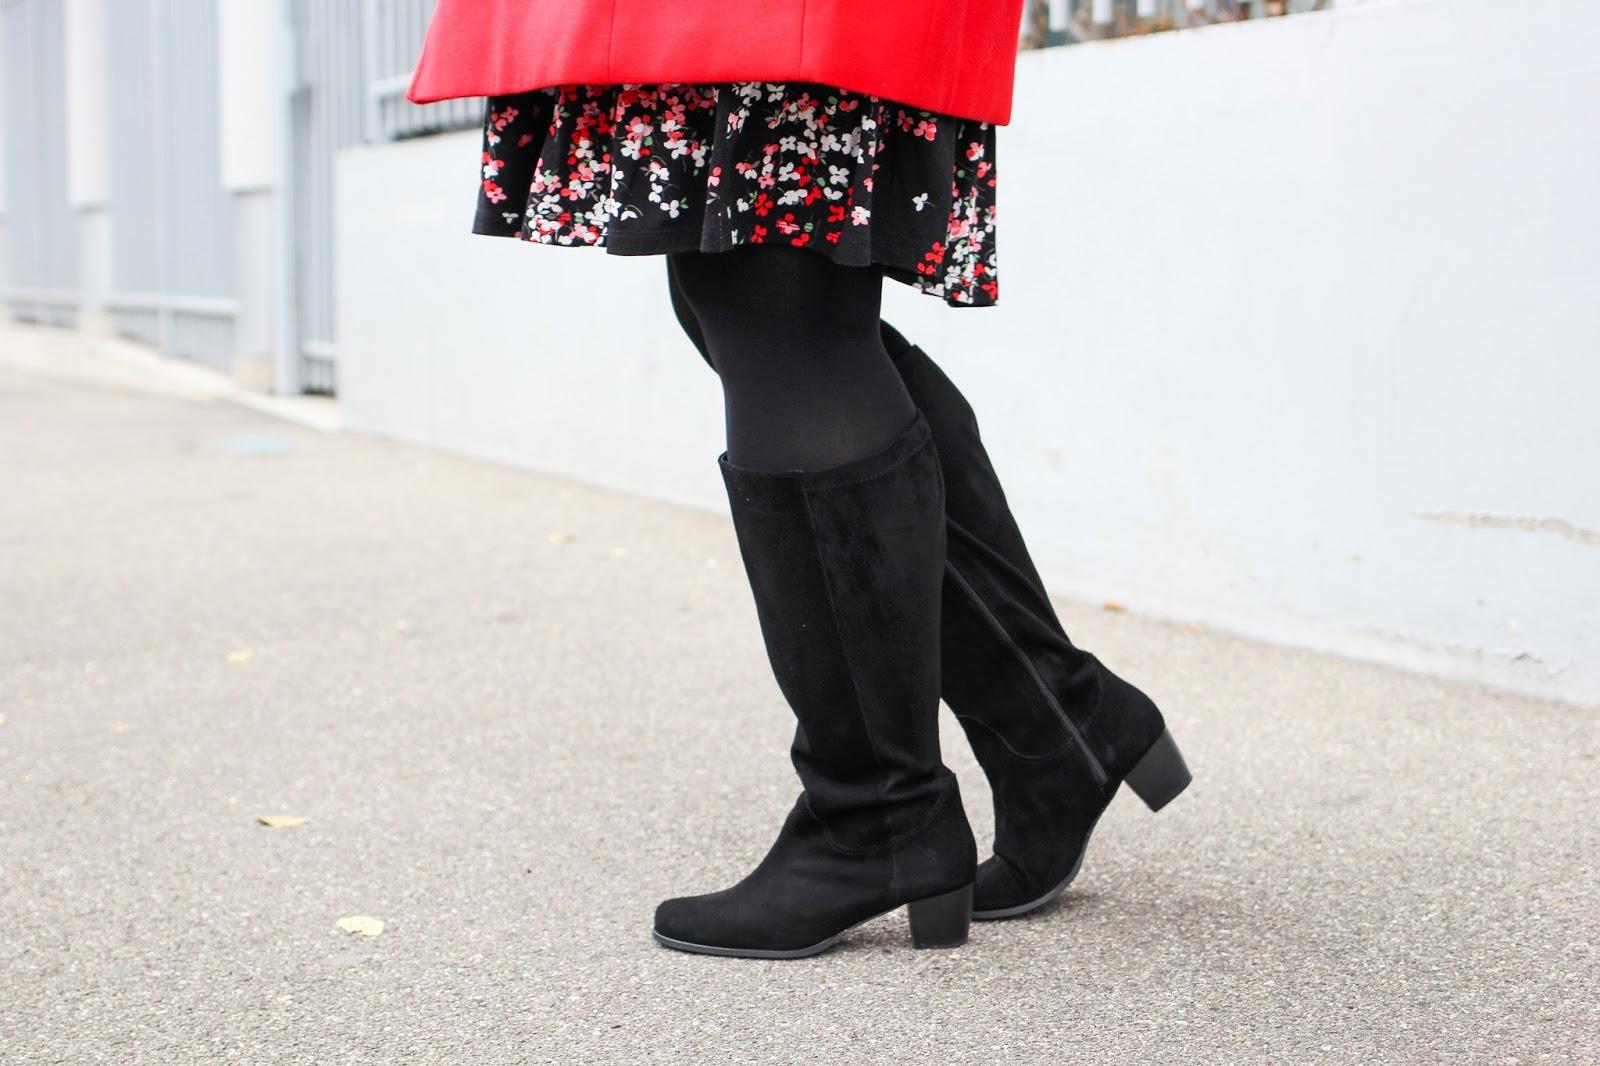 site réputé 055b9 a6eab Des bottes féminines pour mes gros mollets 💁 | Le Blog de ...